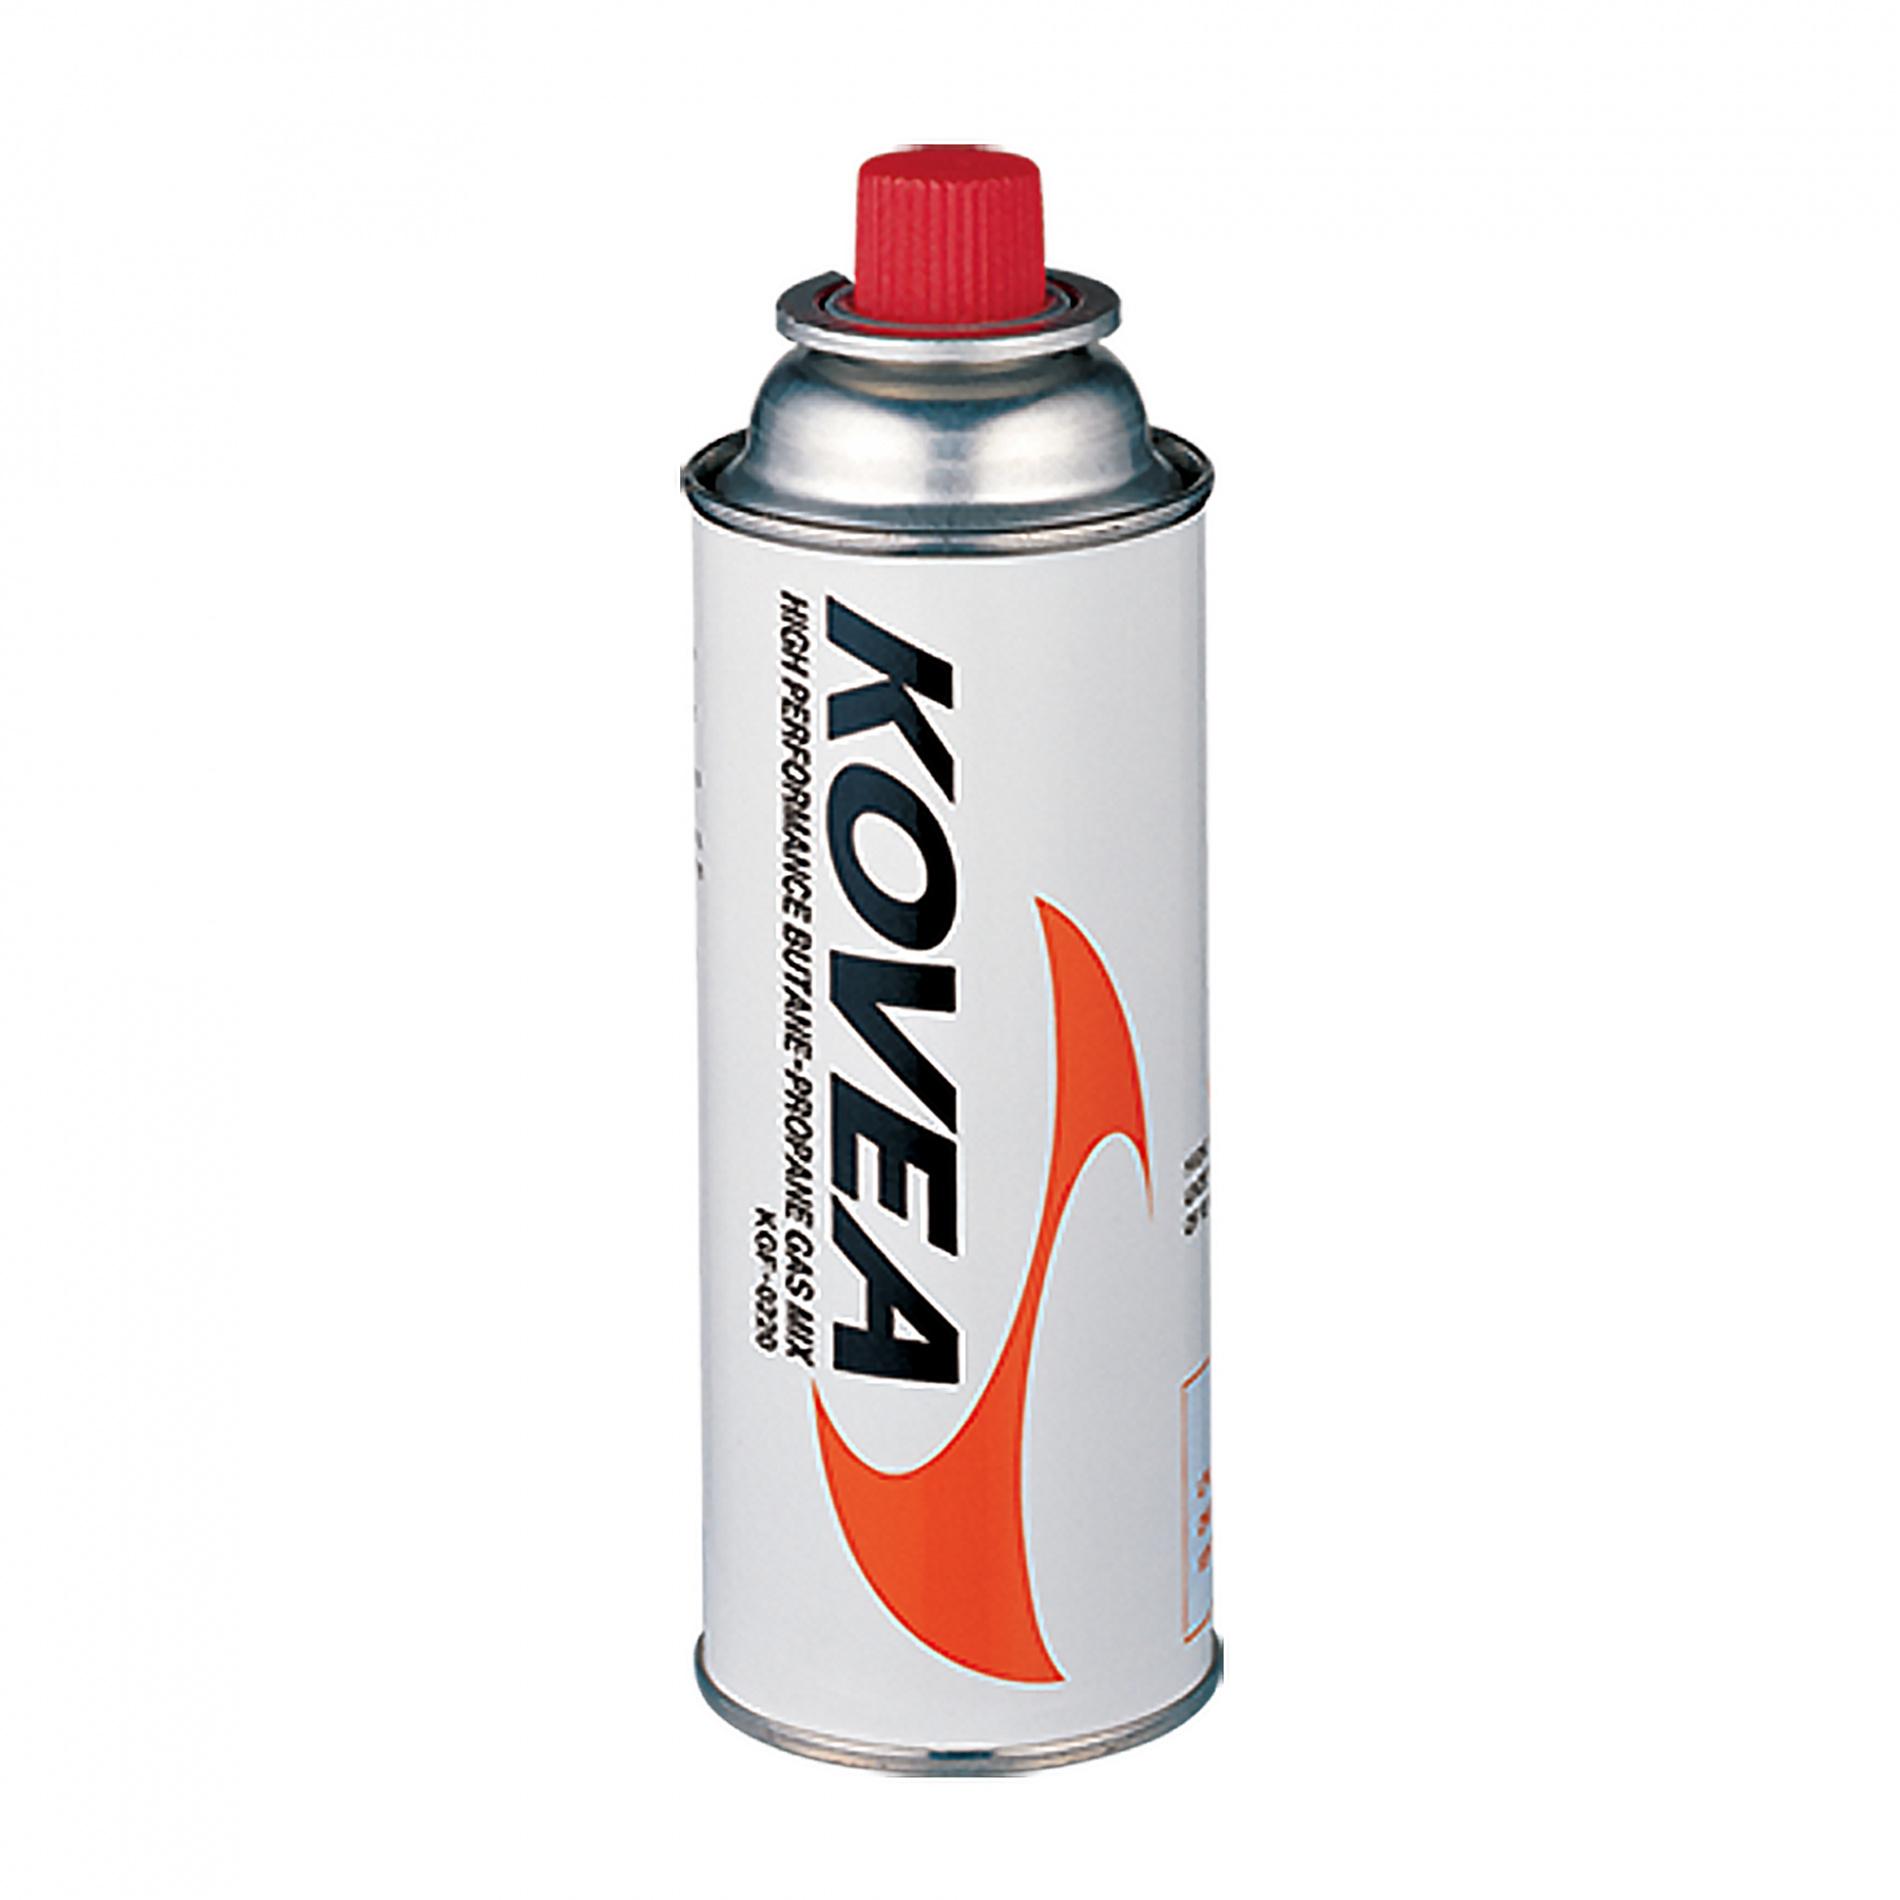 Баллон газовый Kovea 220 (бутан/пропан 70/30) как продать газовый баллон на авто